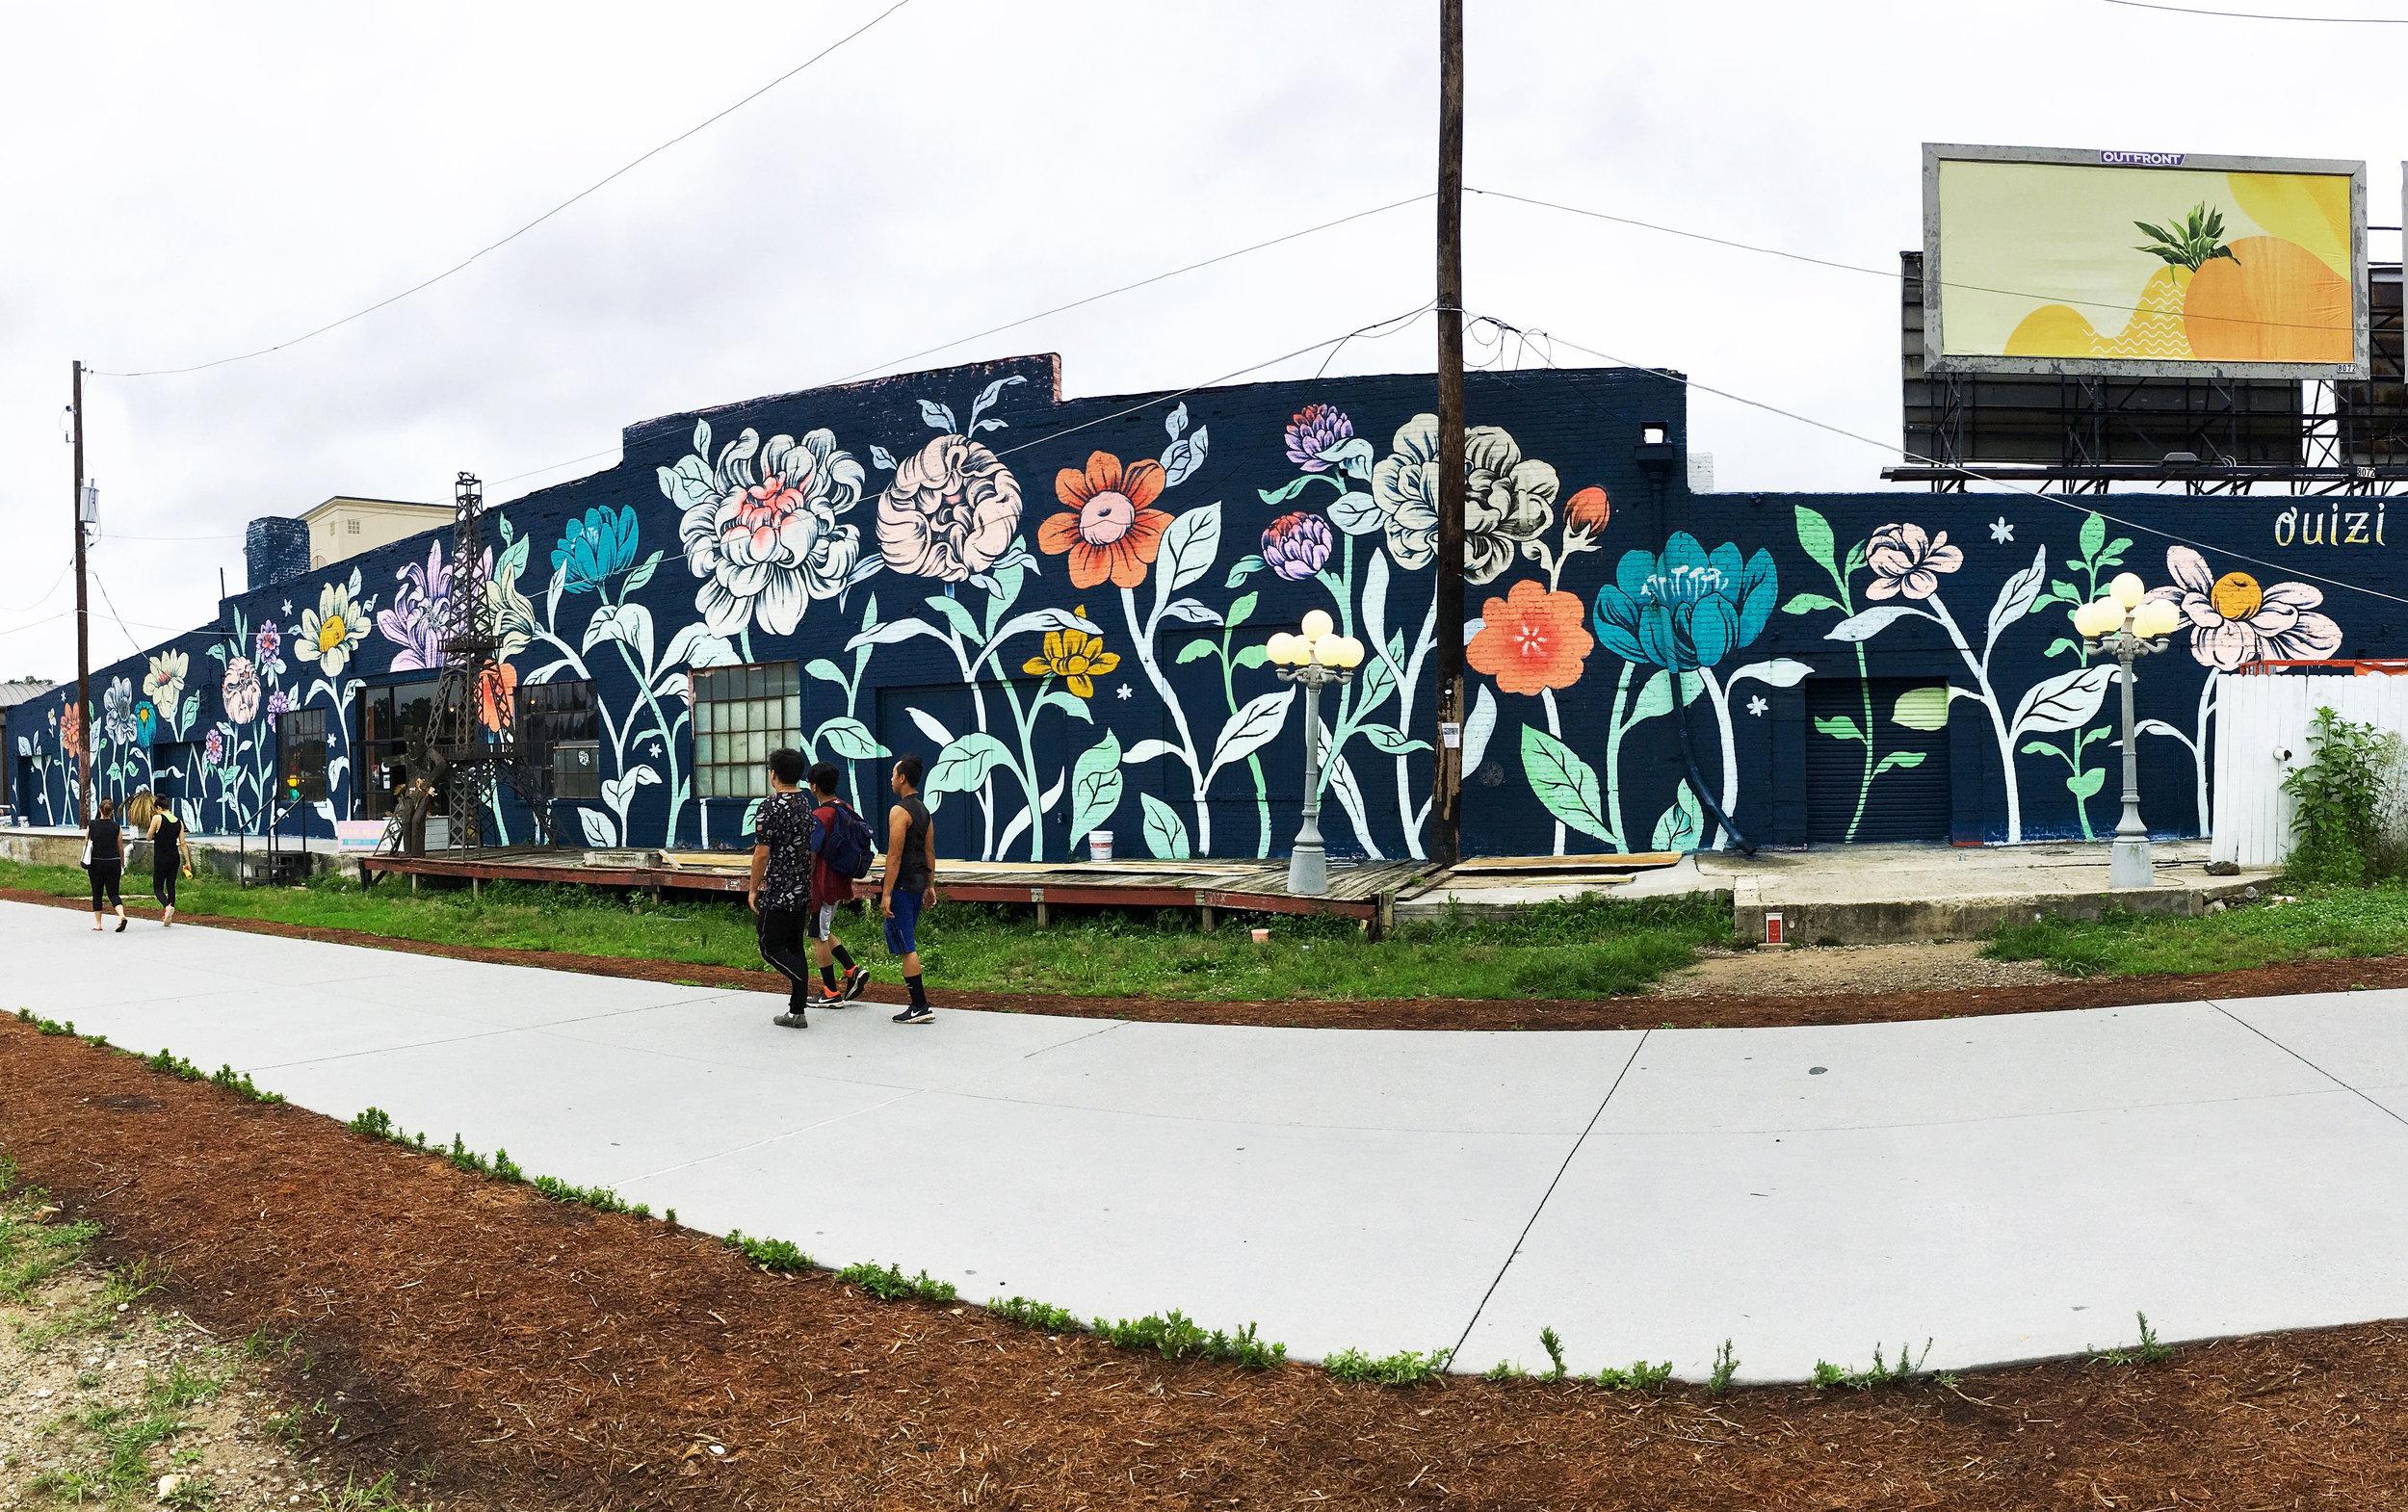 The Beltline in Atlanta, Georgia